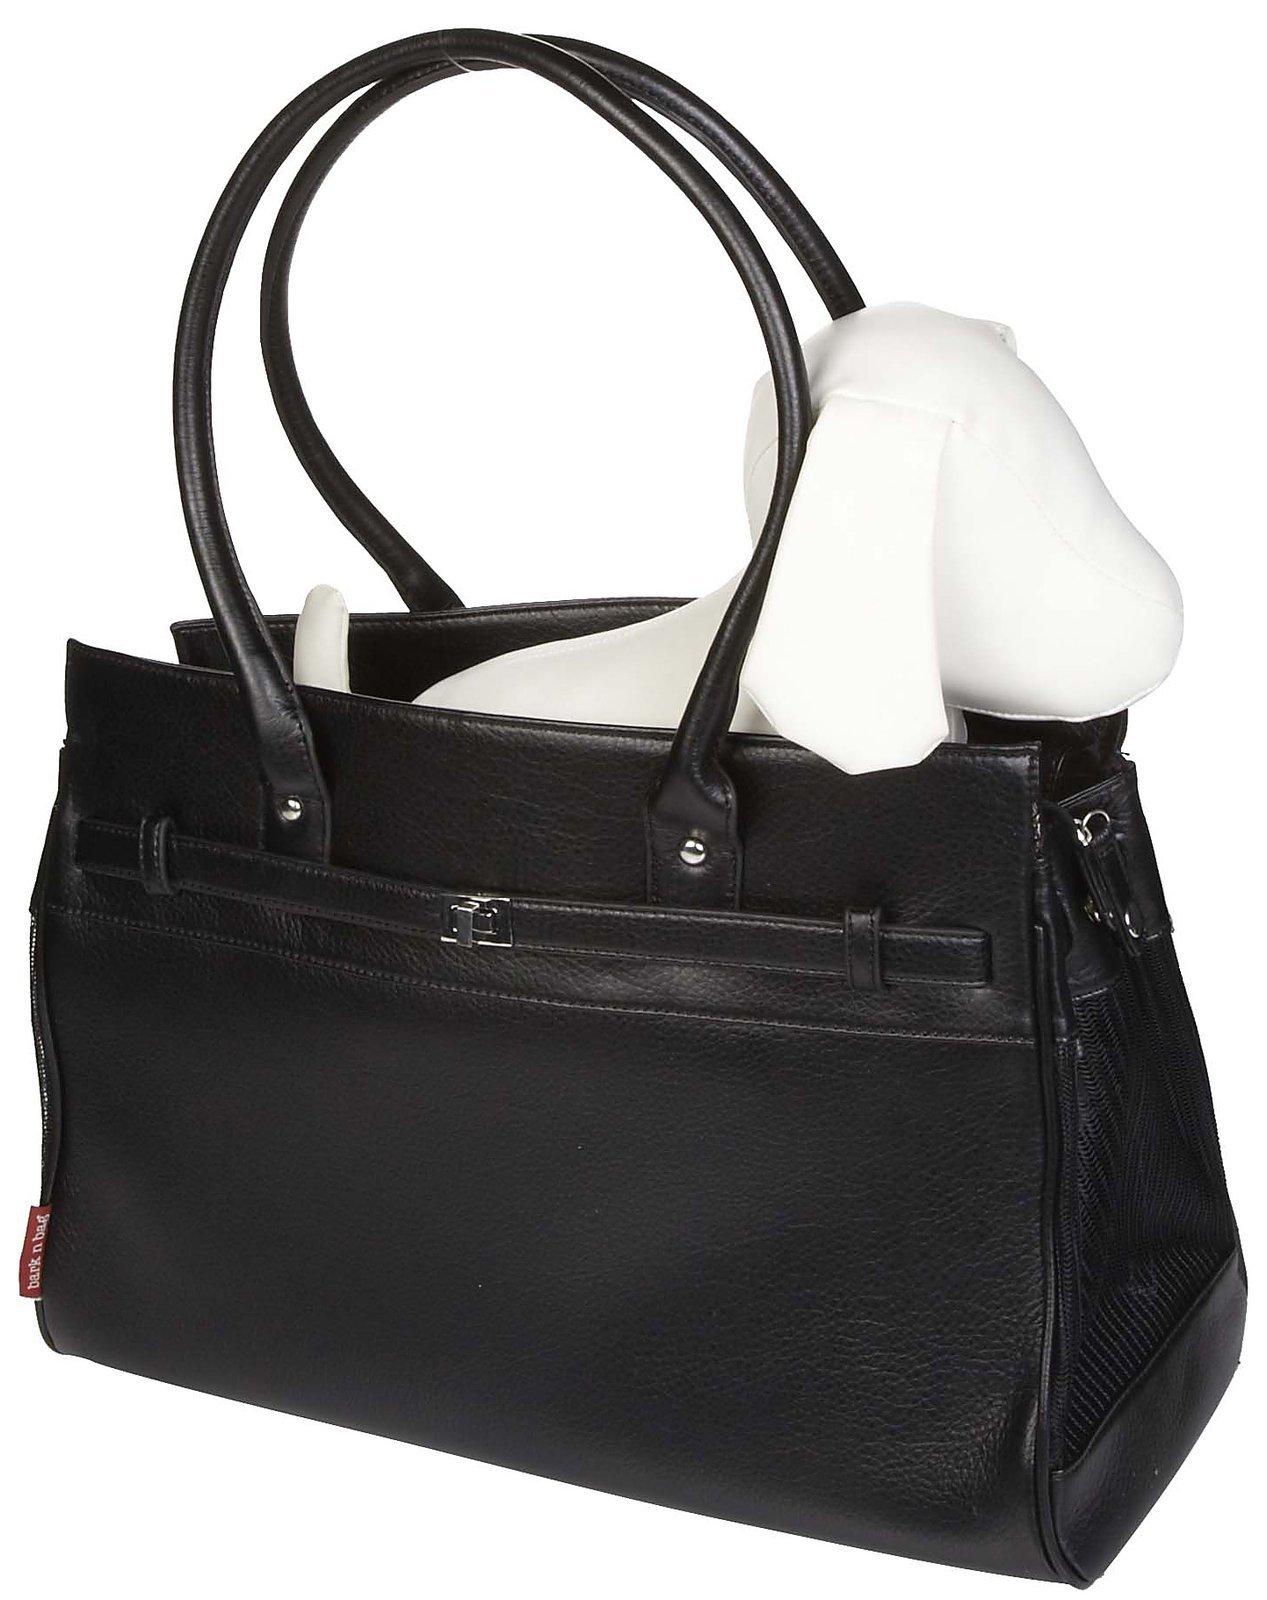 Bark-n-Bag Monaco Pet Tote - Black by Bark-n-Bag